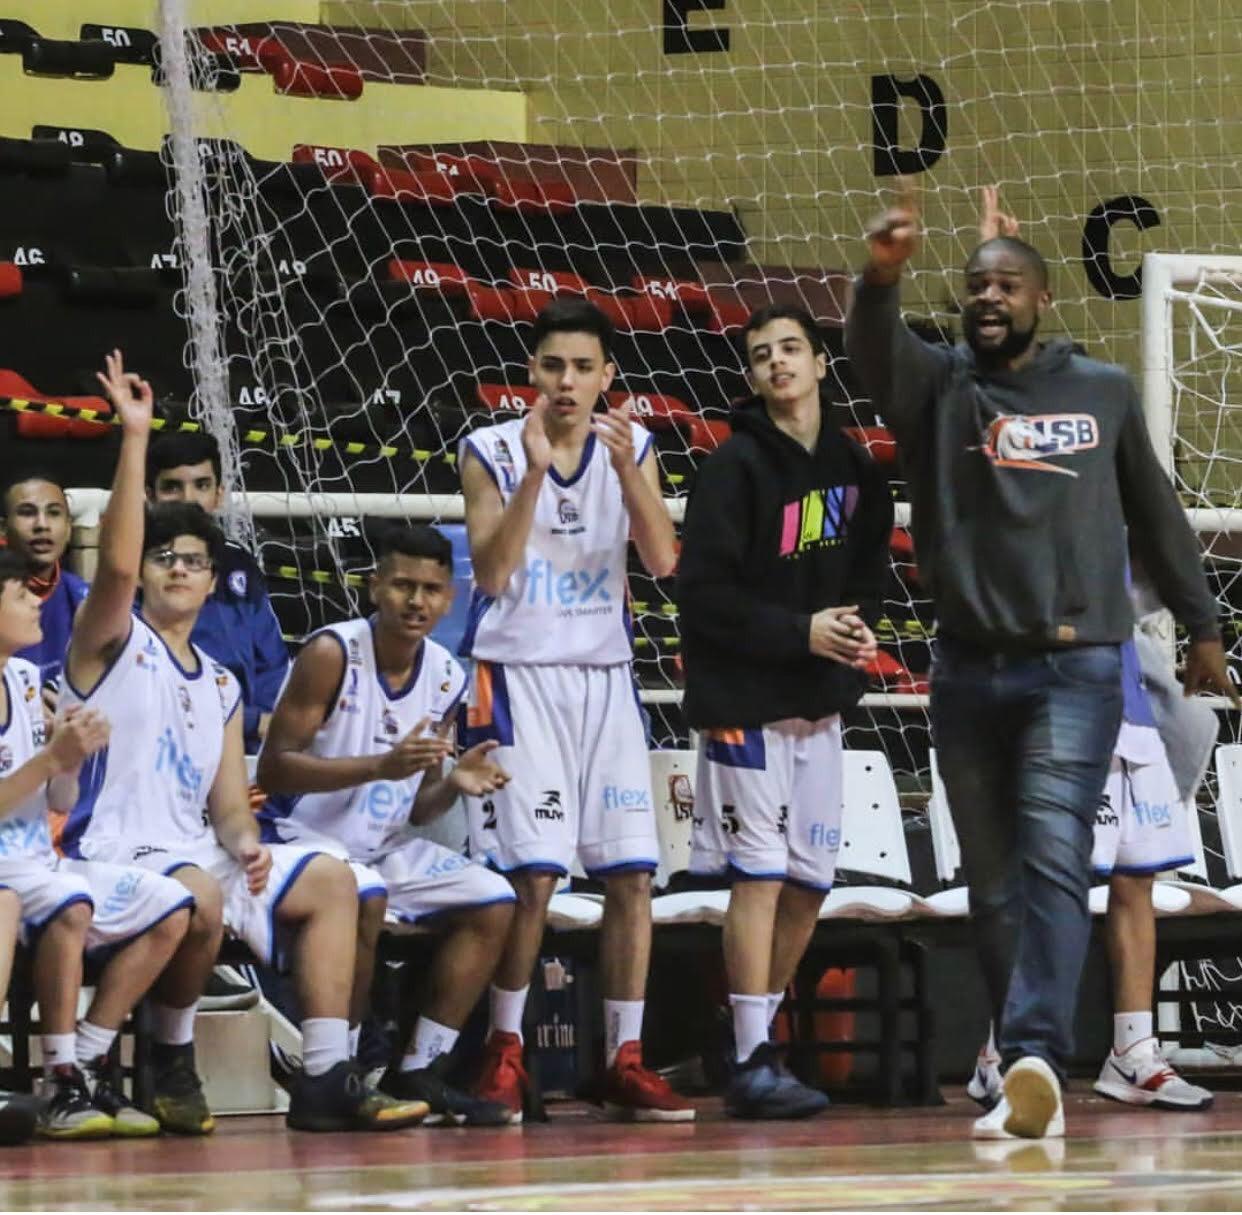 Lucas Maciel como técnico das equipes de base da LSB / Foto: Divulgação/LSB